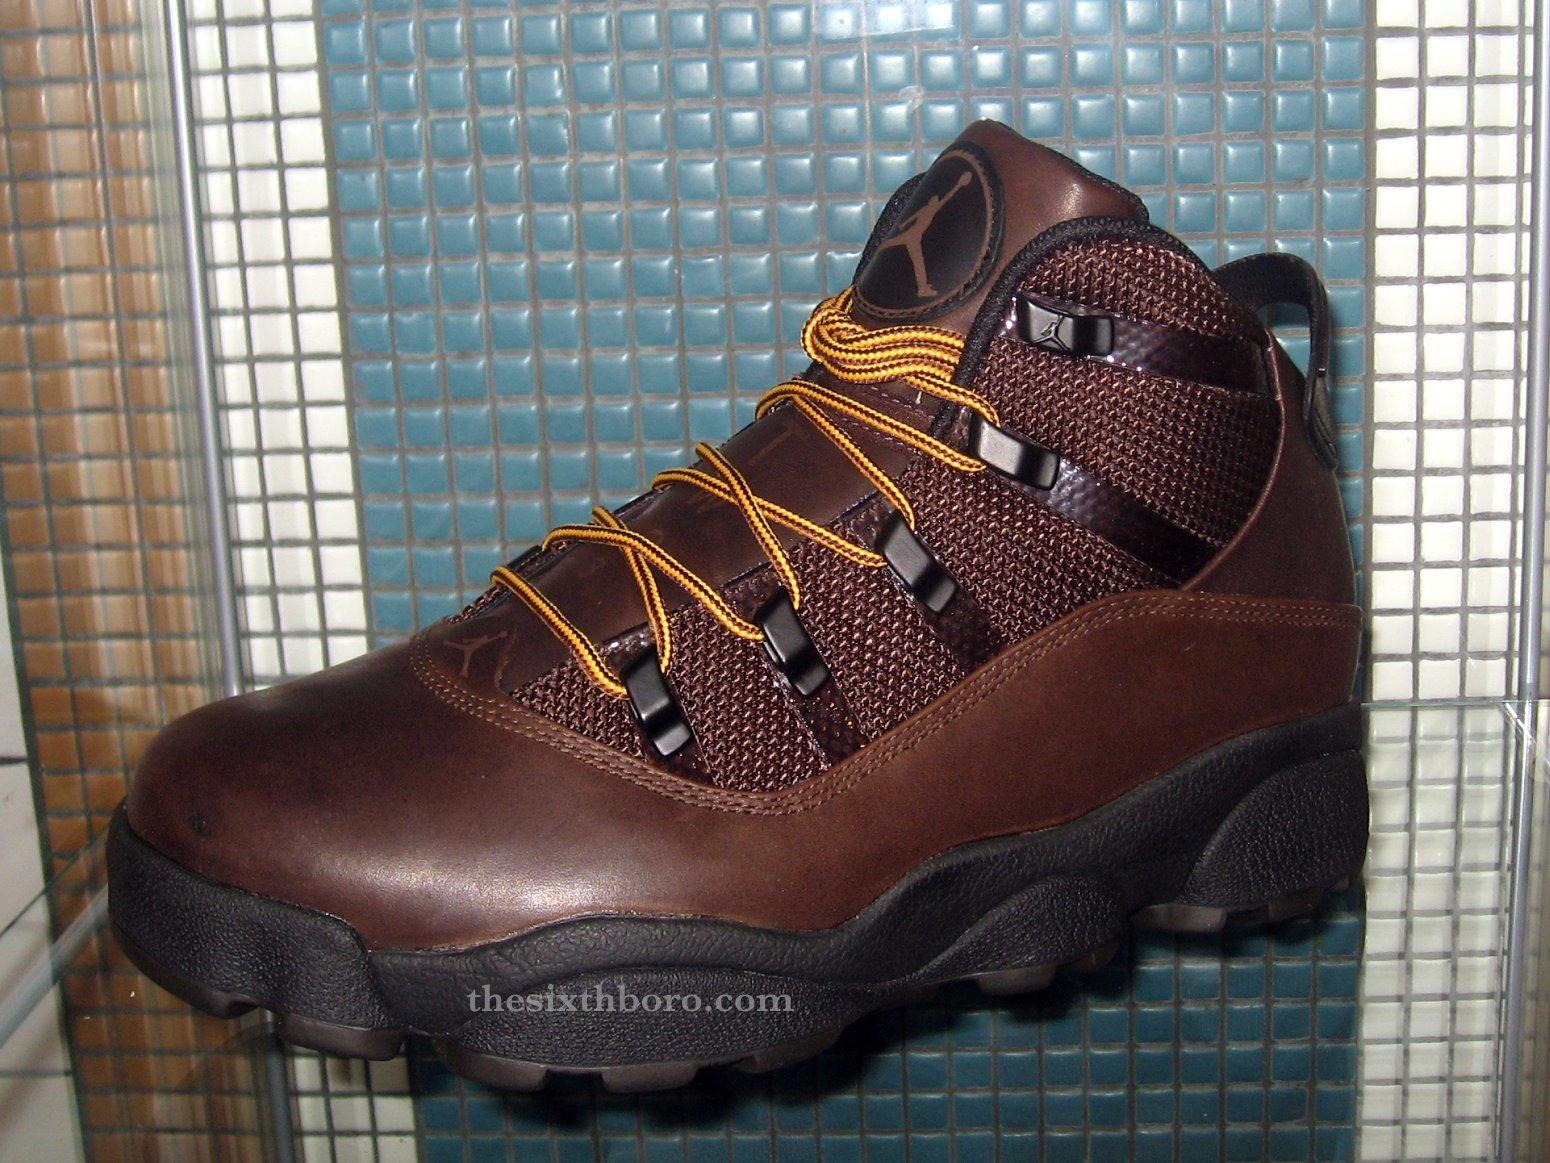 sale retailer 656f0 6a099 Air Jordan Winterized 6 Rings | The Sixth Boro